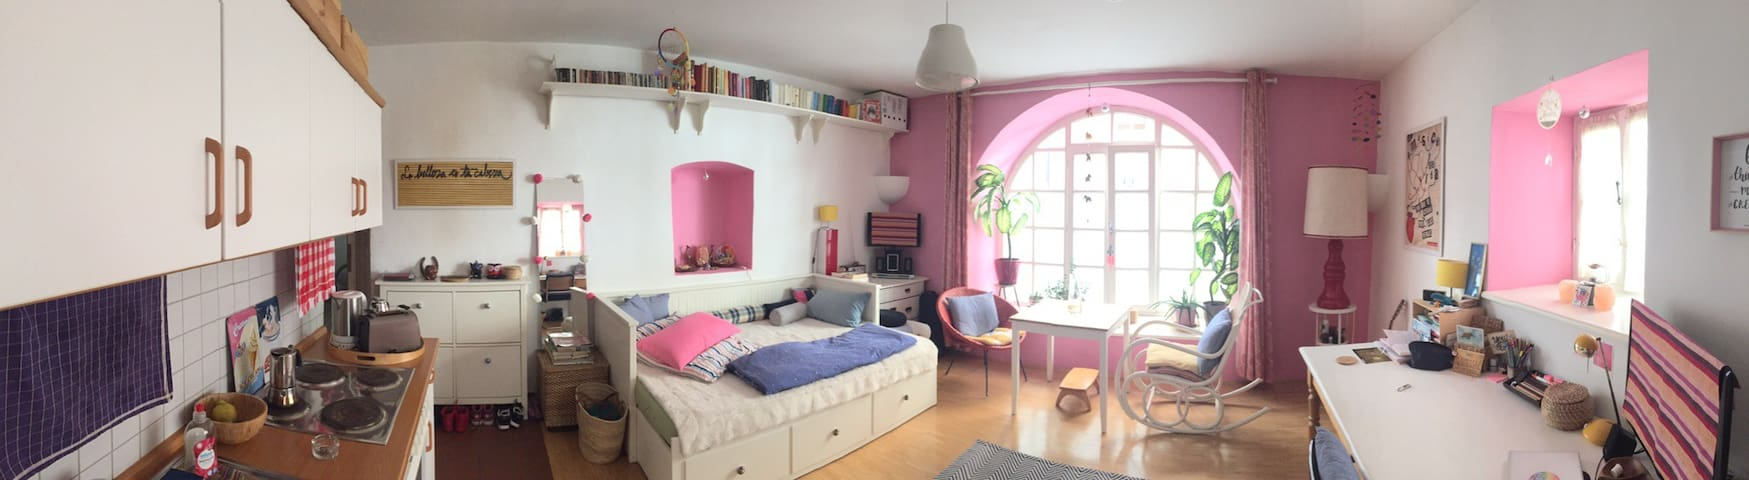 Charmante gemütliche Wohnung in der Altstadt